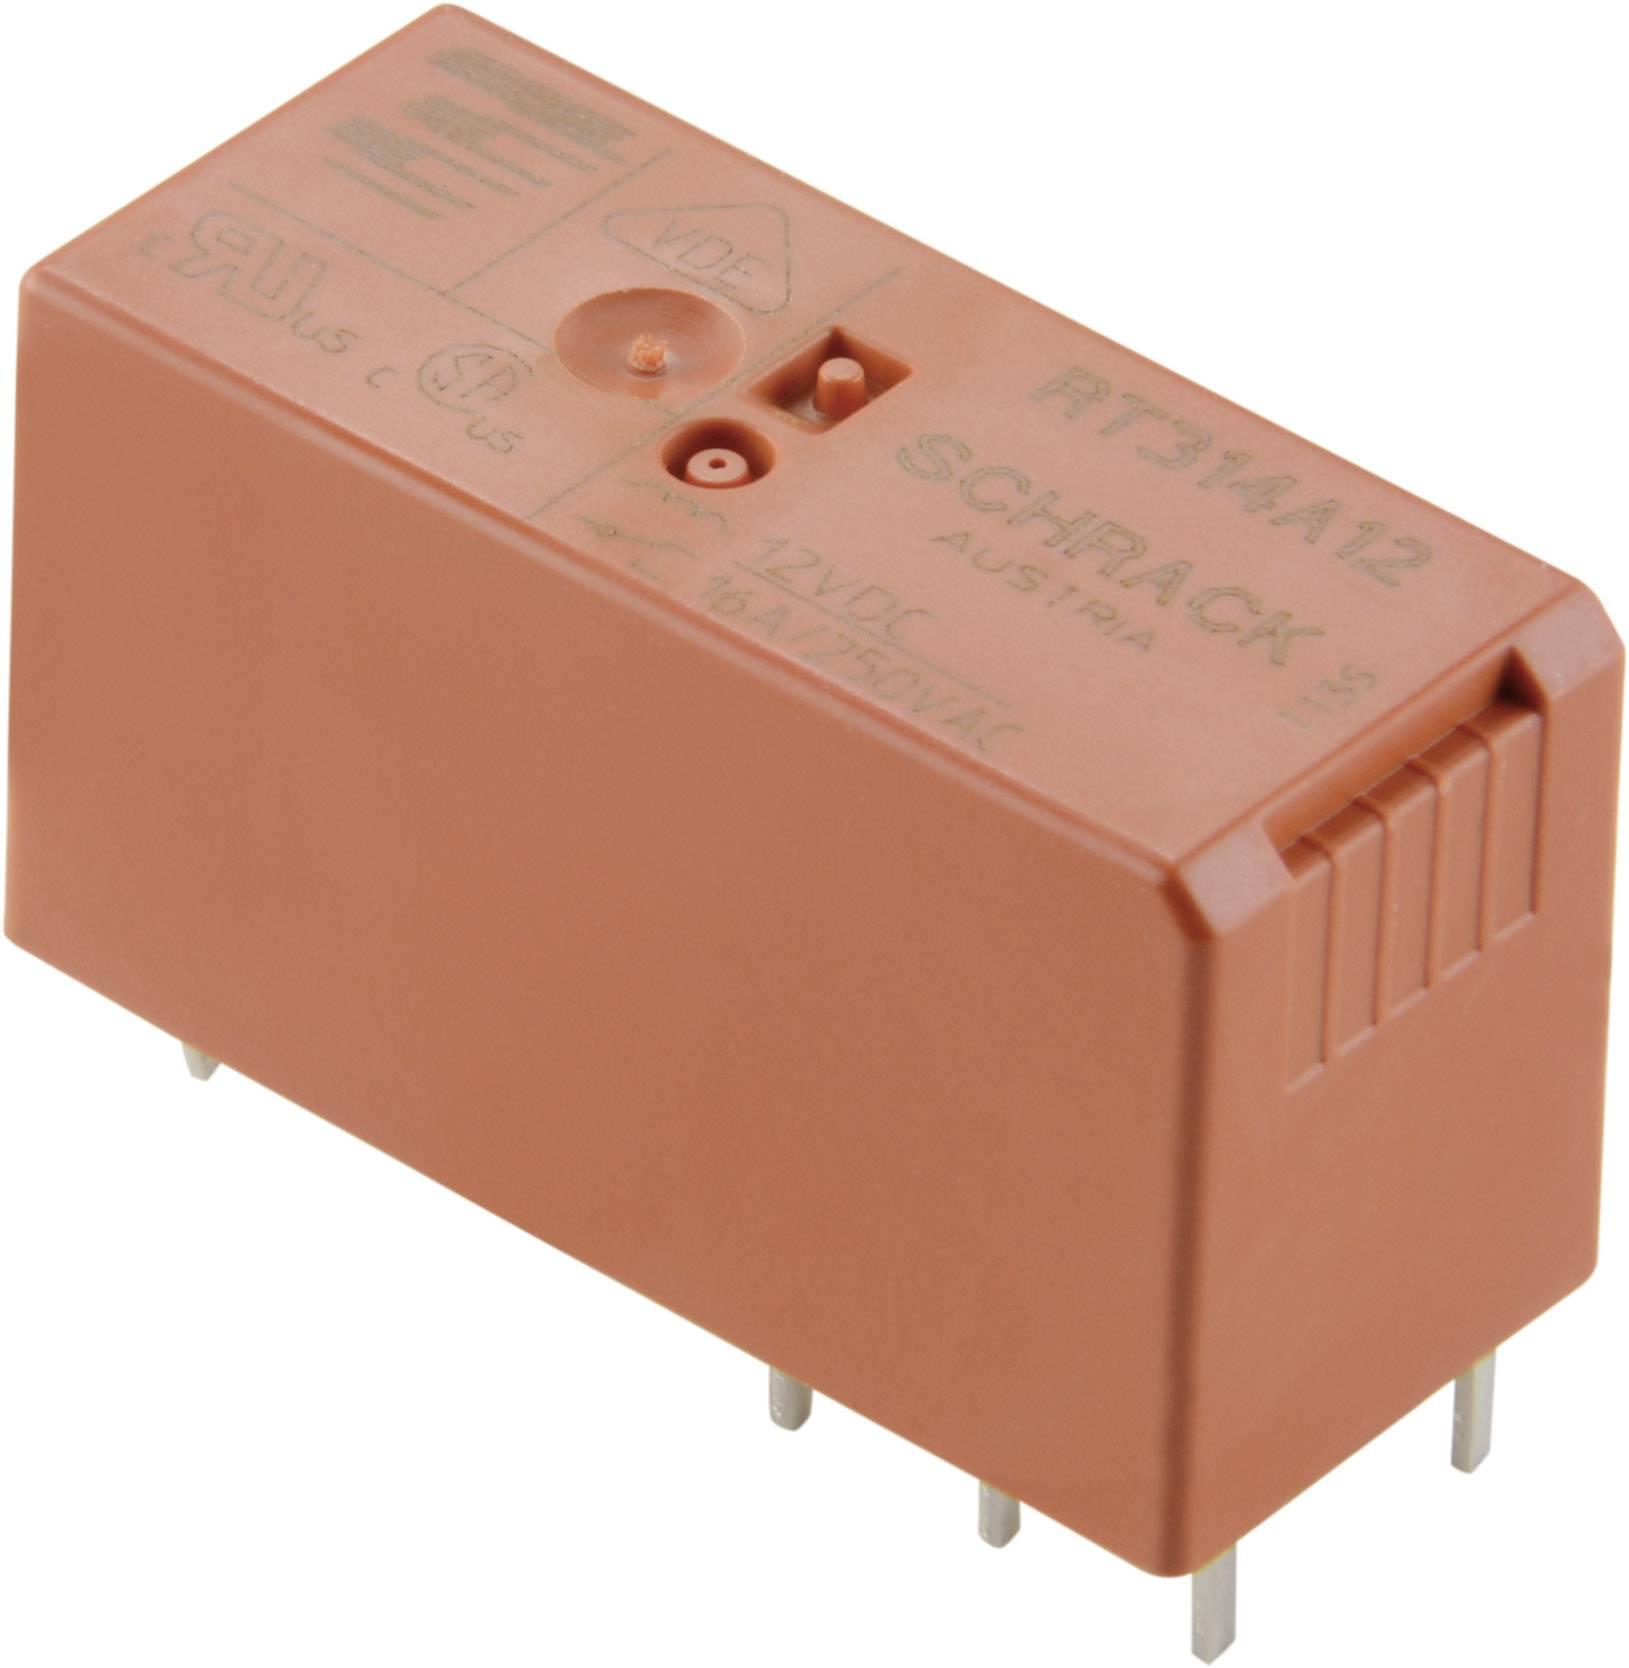 RT-výkonové relé pro desky plošných spojů 16 A, 1 x přepínací kontakt TE Connectivity 8-1393239-0, RT314A12, 16 A